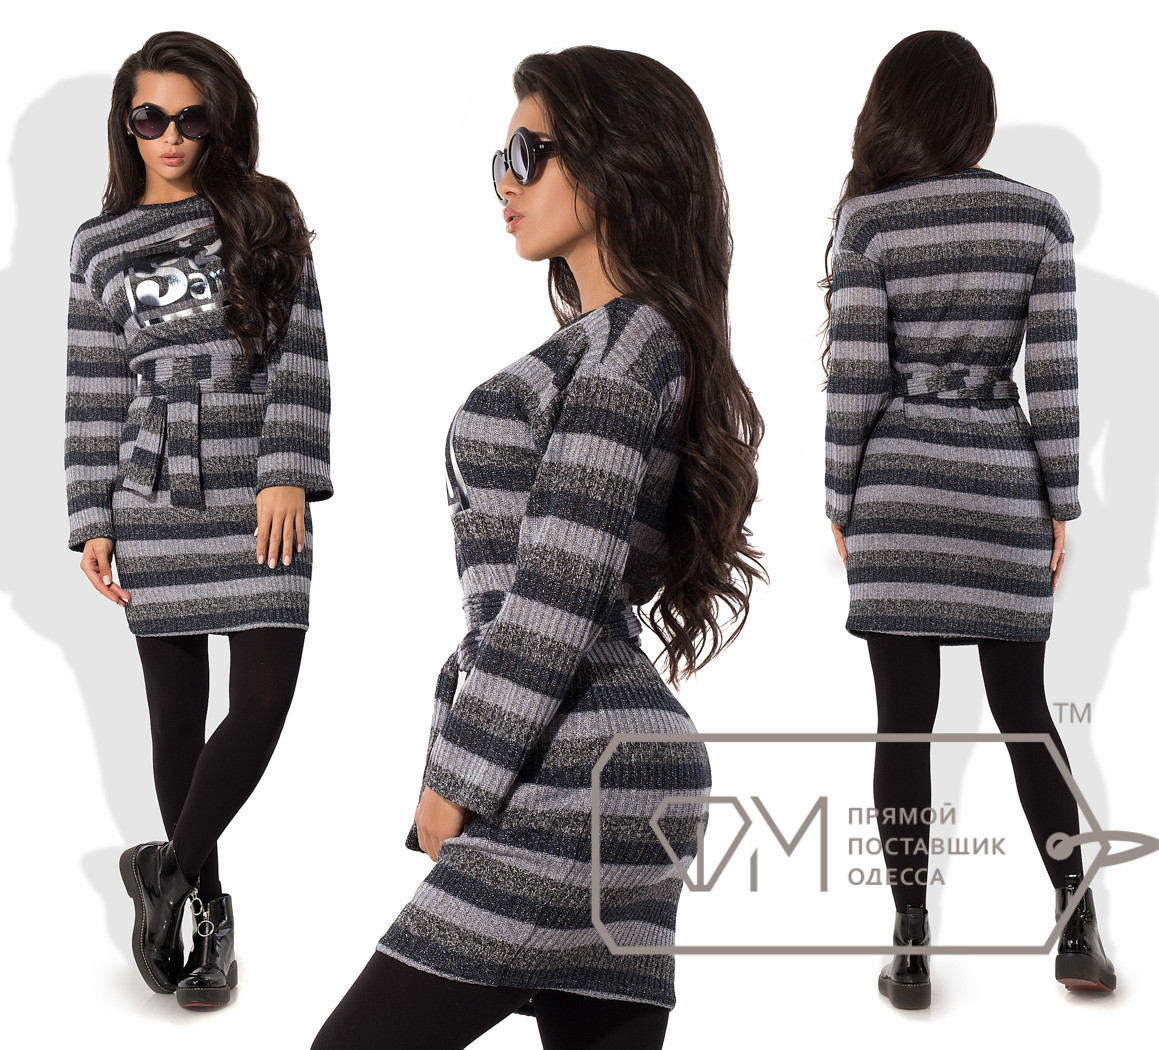 Платье-свитер мини облегающее из вязки с люрексом под пояс со спущенной проймой прямых рукавов и рисунком-накатом на груди 9920